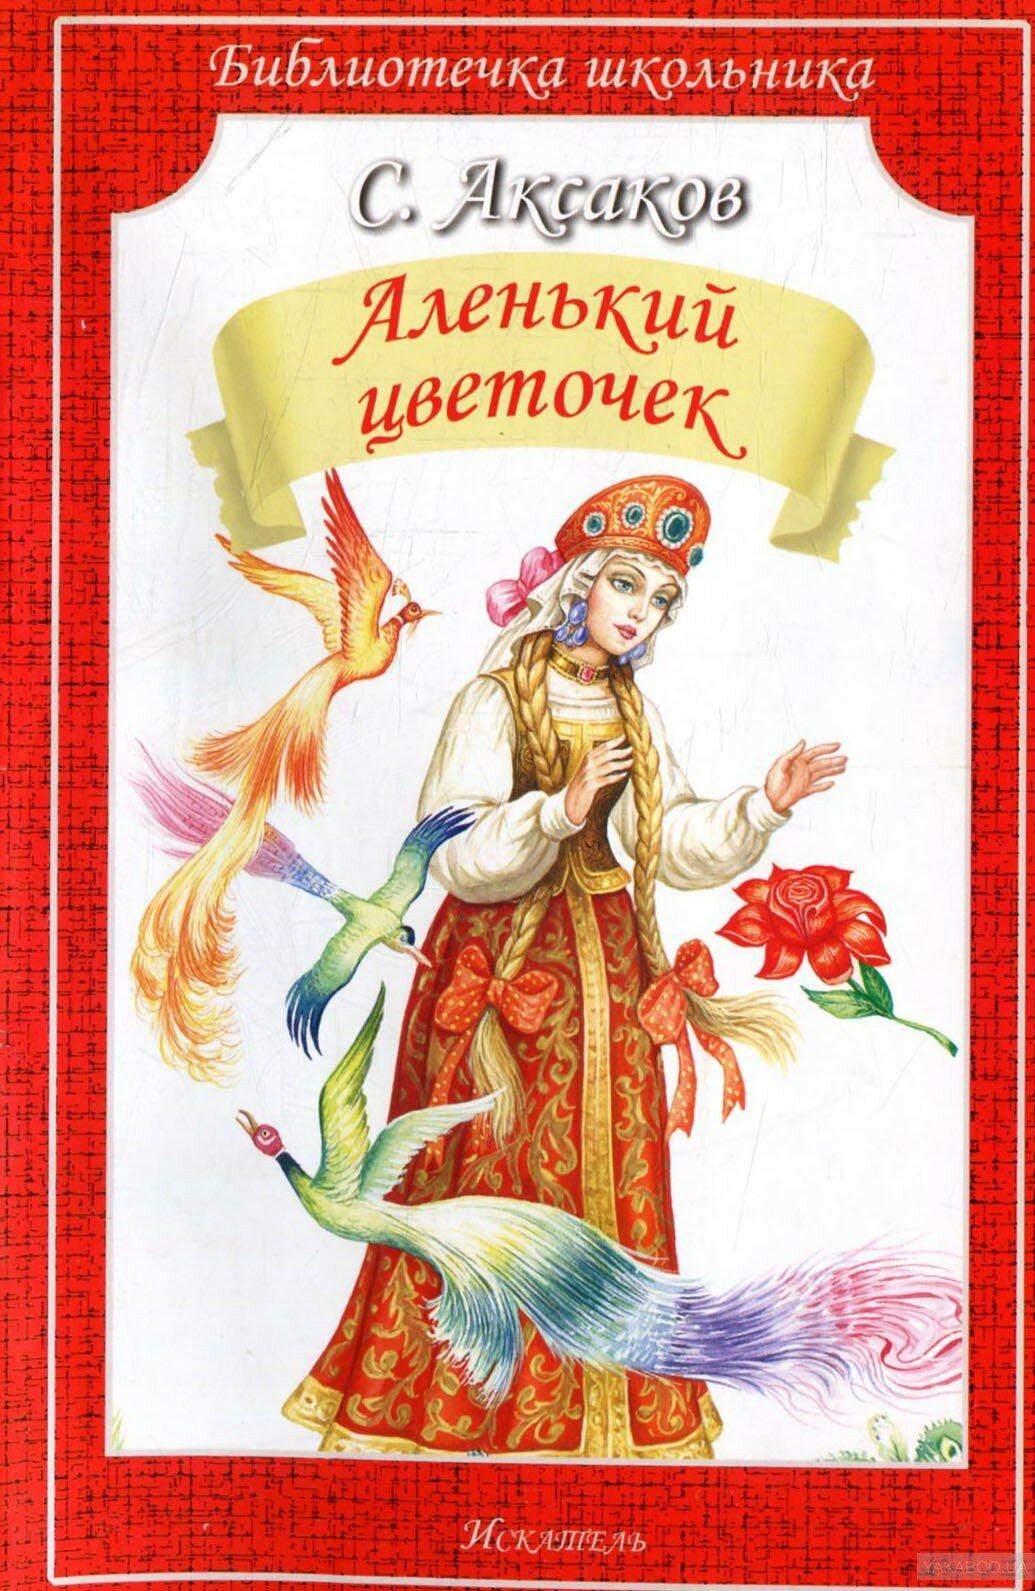 племена украинцев, аксаков аленький цветочек картинки важное